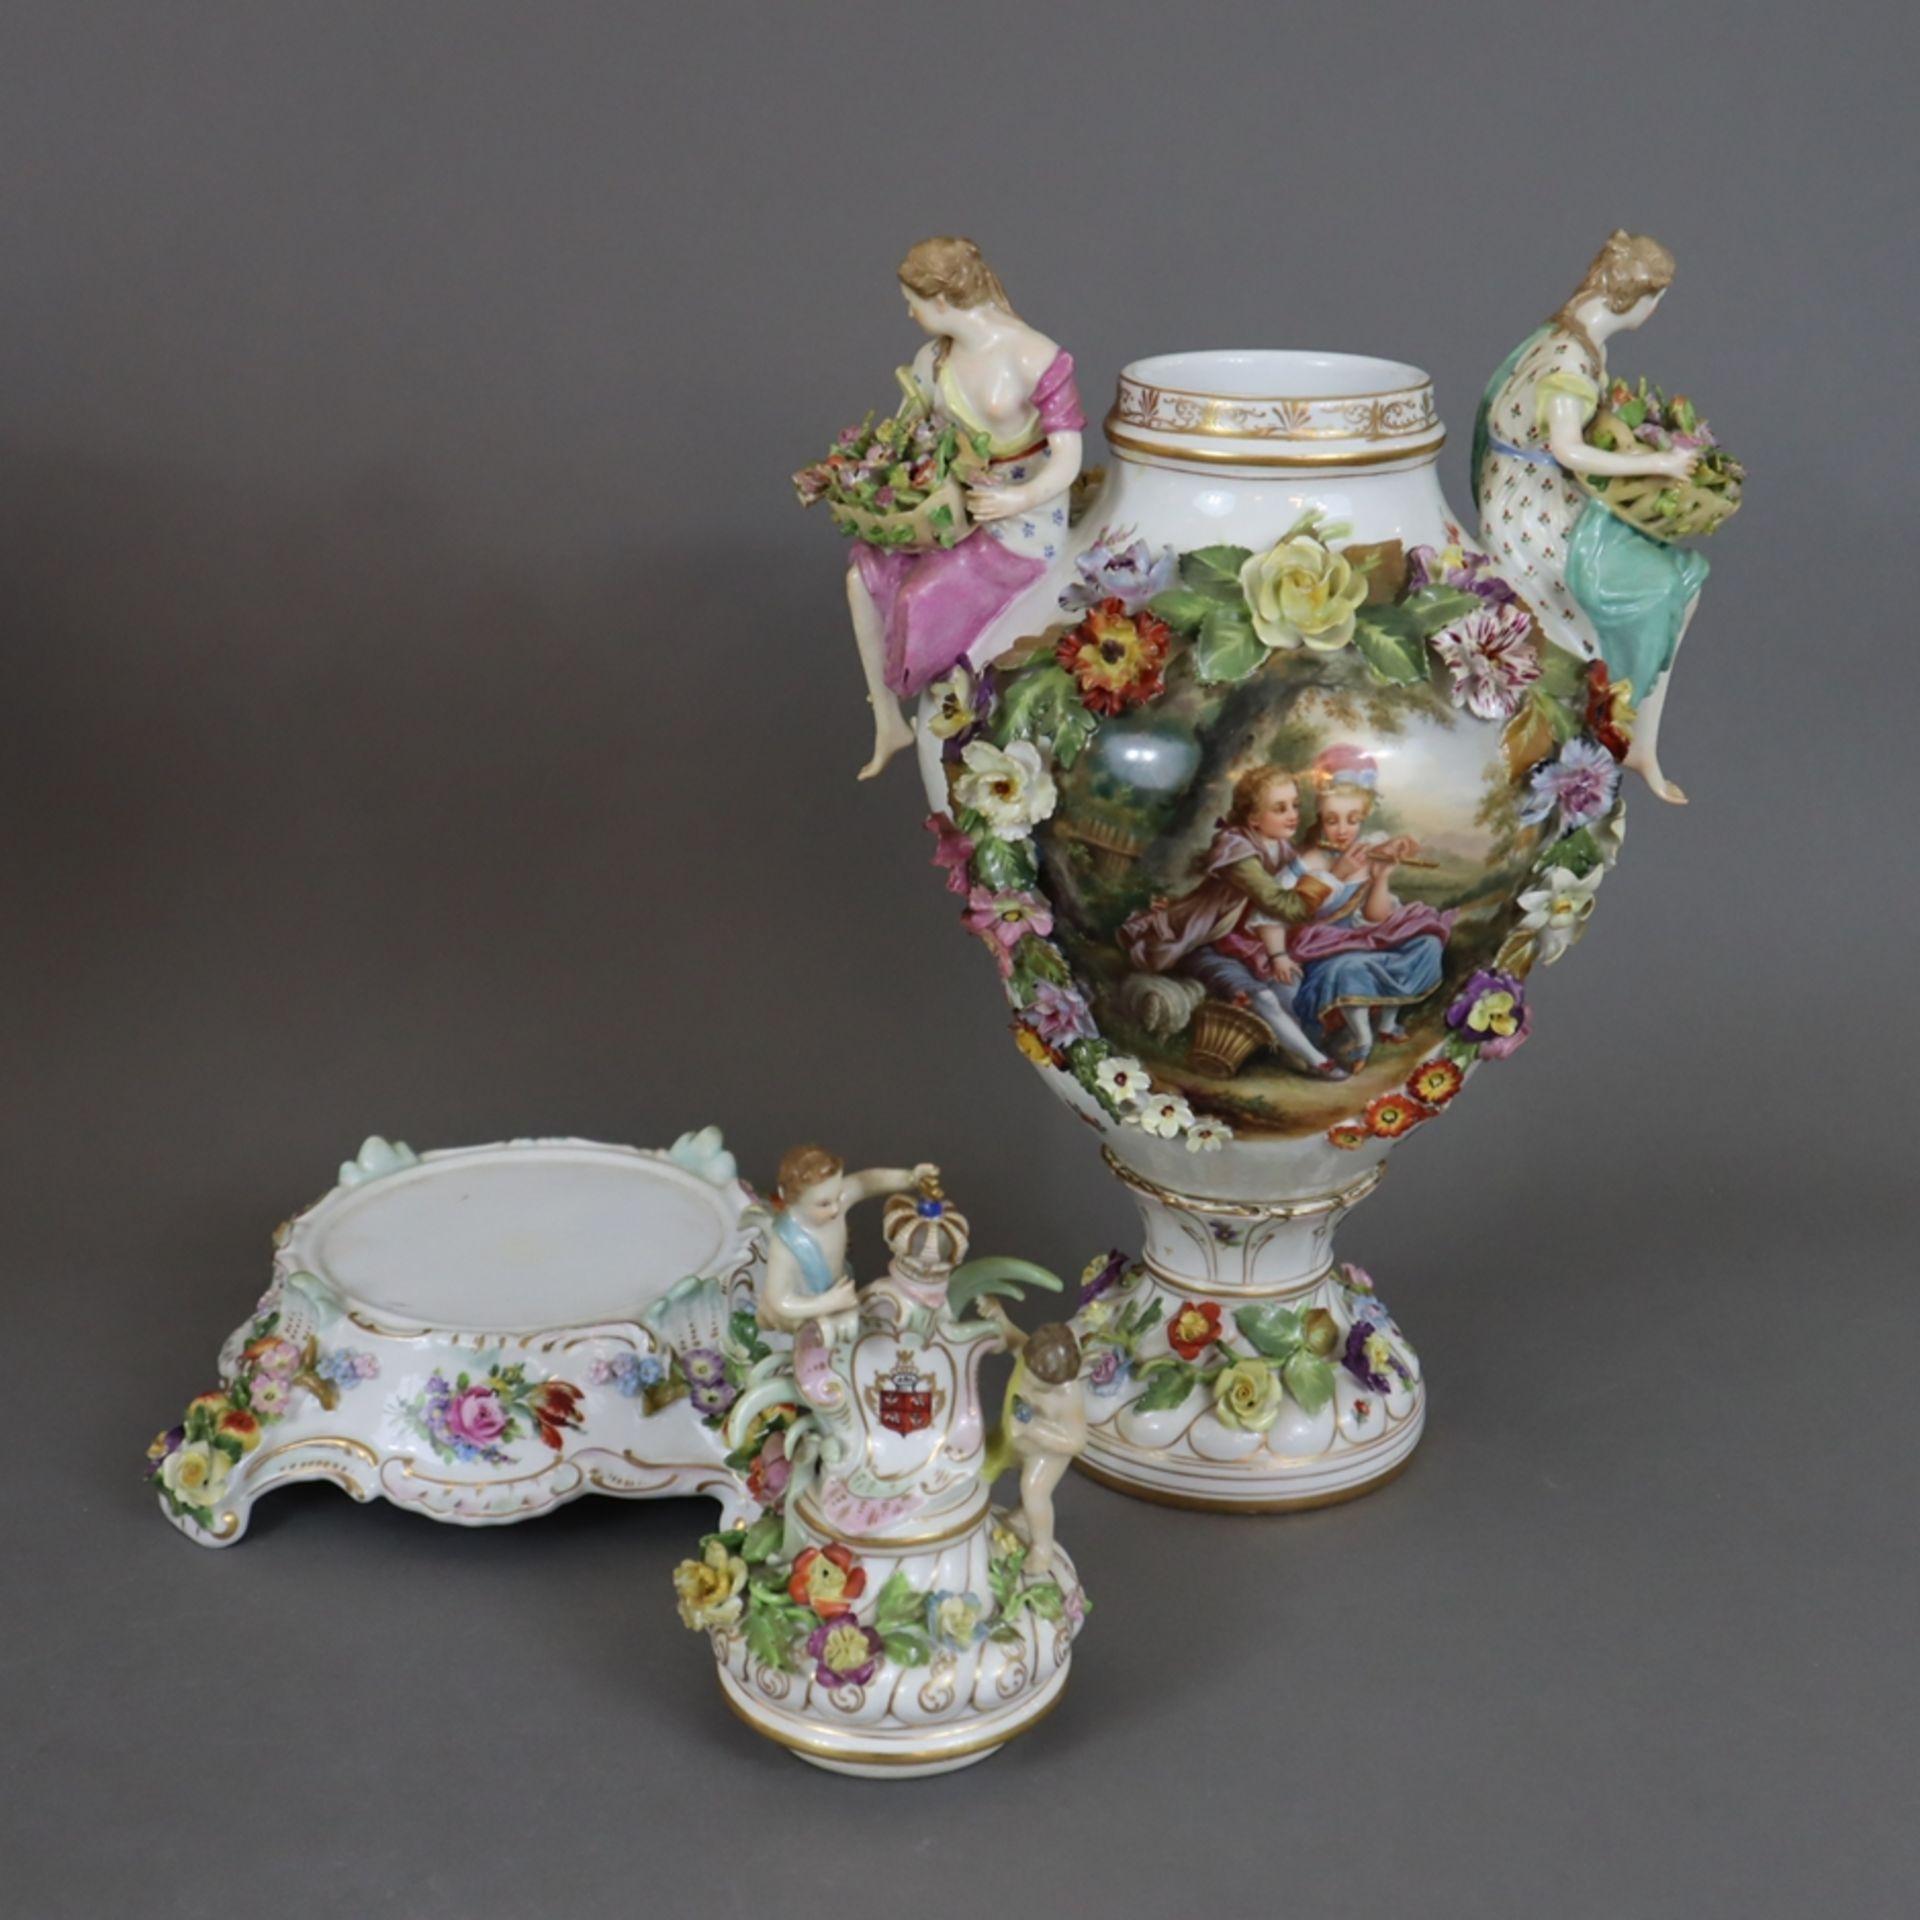 Paar prunkvolle Deckelvasen mit Sockel - Dresden/Potschappel, Marke ab 1901, Porzellan, reliefiert, - Image 21 of 22